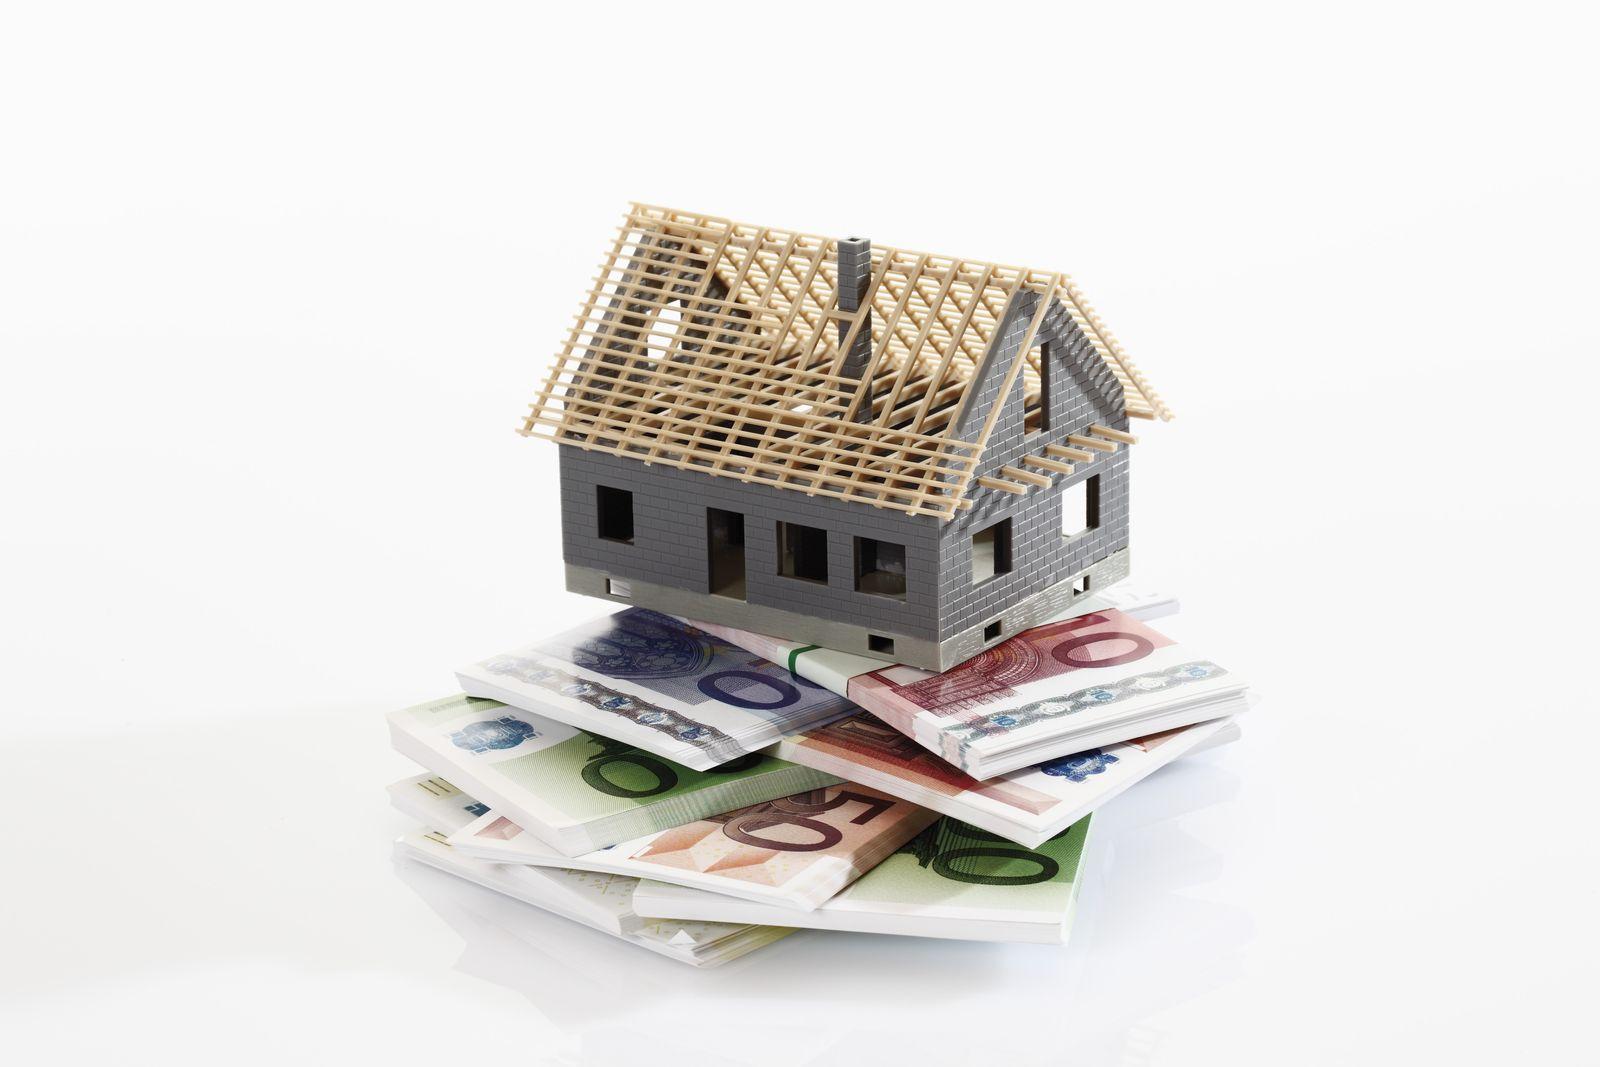 NICHT MEHR VERWENDEN! - SYMBOL Hausbau / Finanzierung